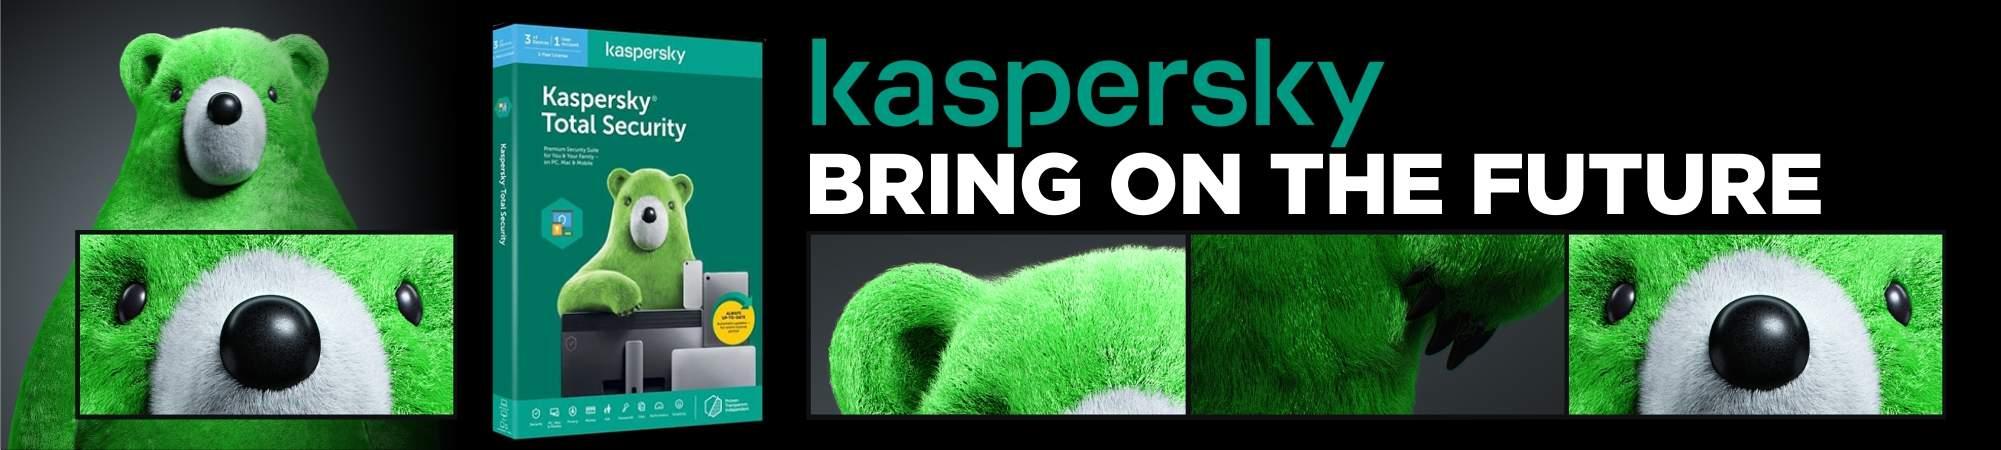 Kaspersky Brand page banner September 2021